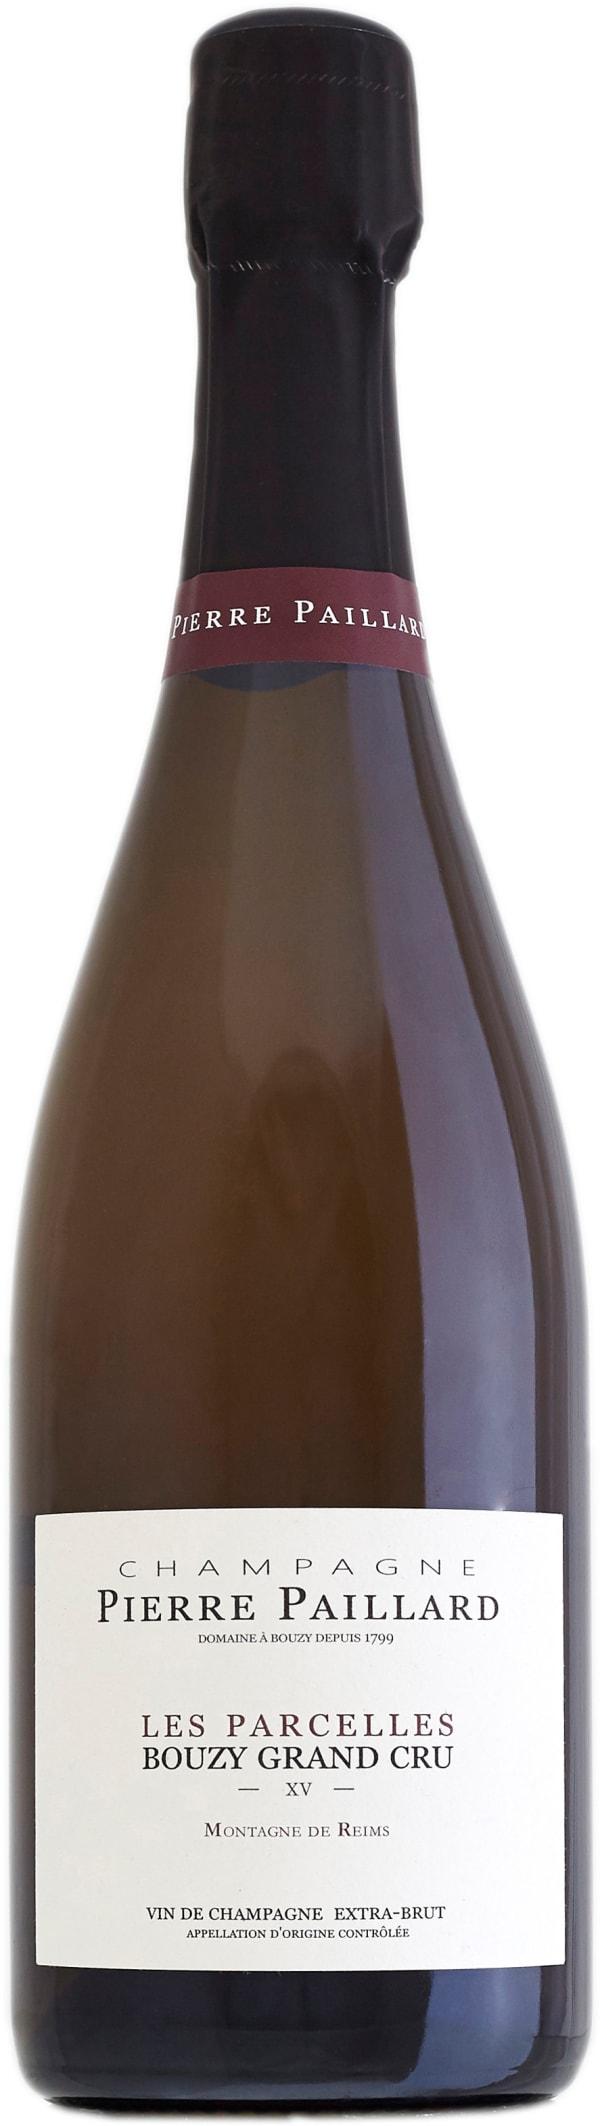 Pierre Paillard Les Parcelles Grand Cru Champagne Extra Brut